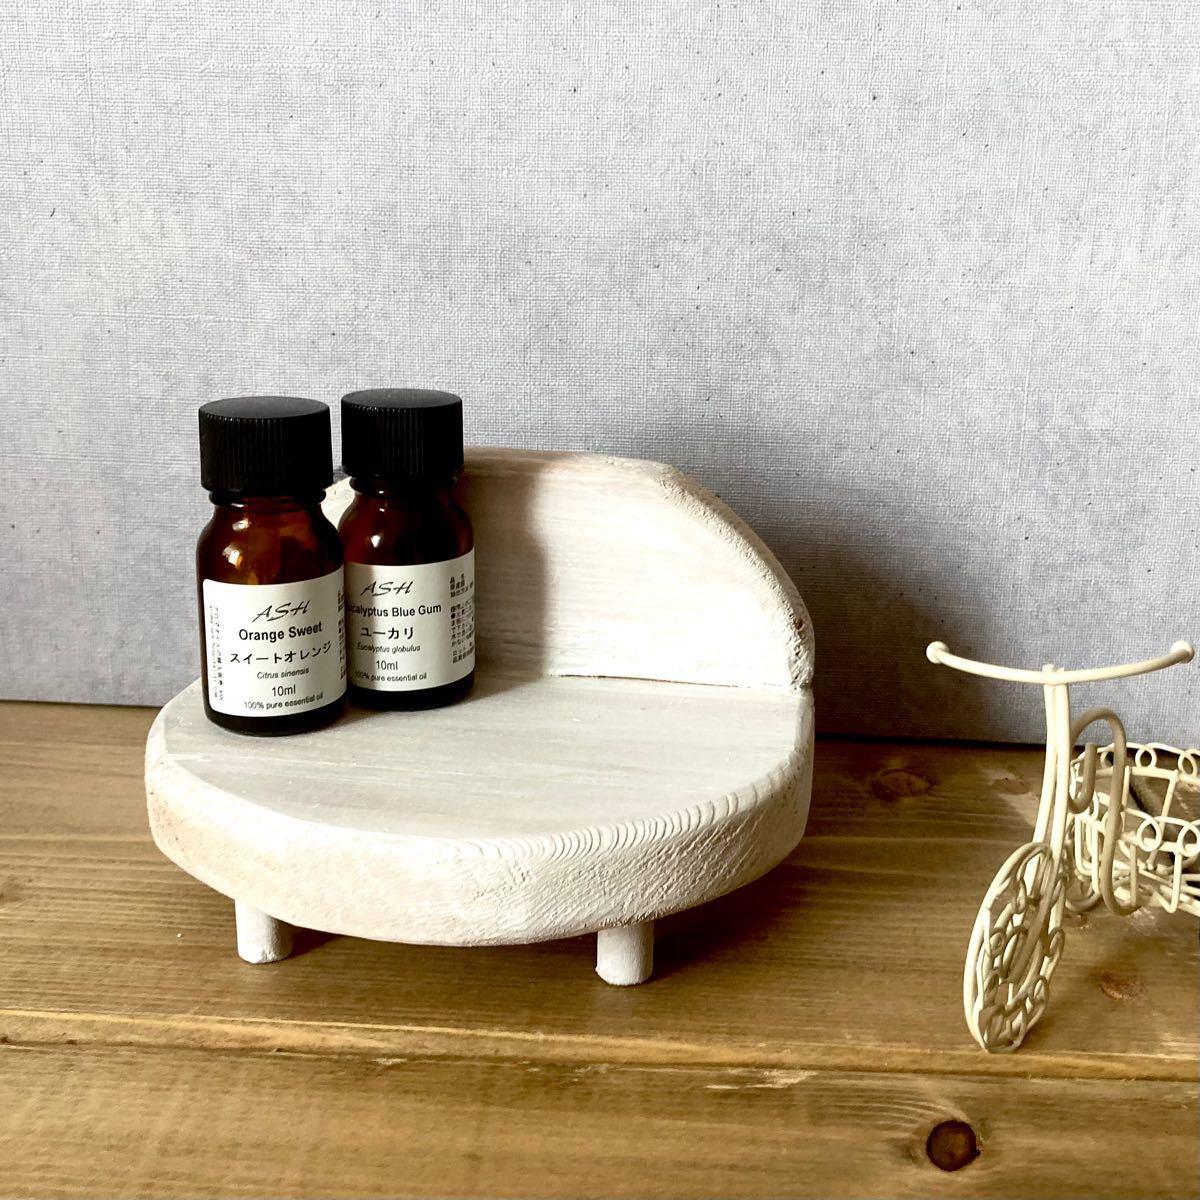 アクセサリー収納 スマホスタンドにもなる 木製 猫 ベンチ アクセサリートレイ 眼鏡ディスプレイ 白 黒